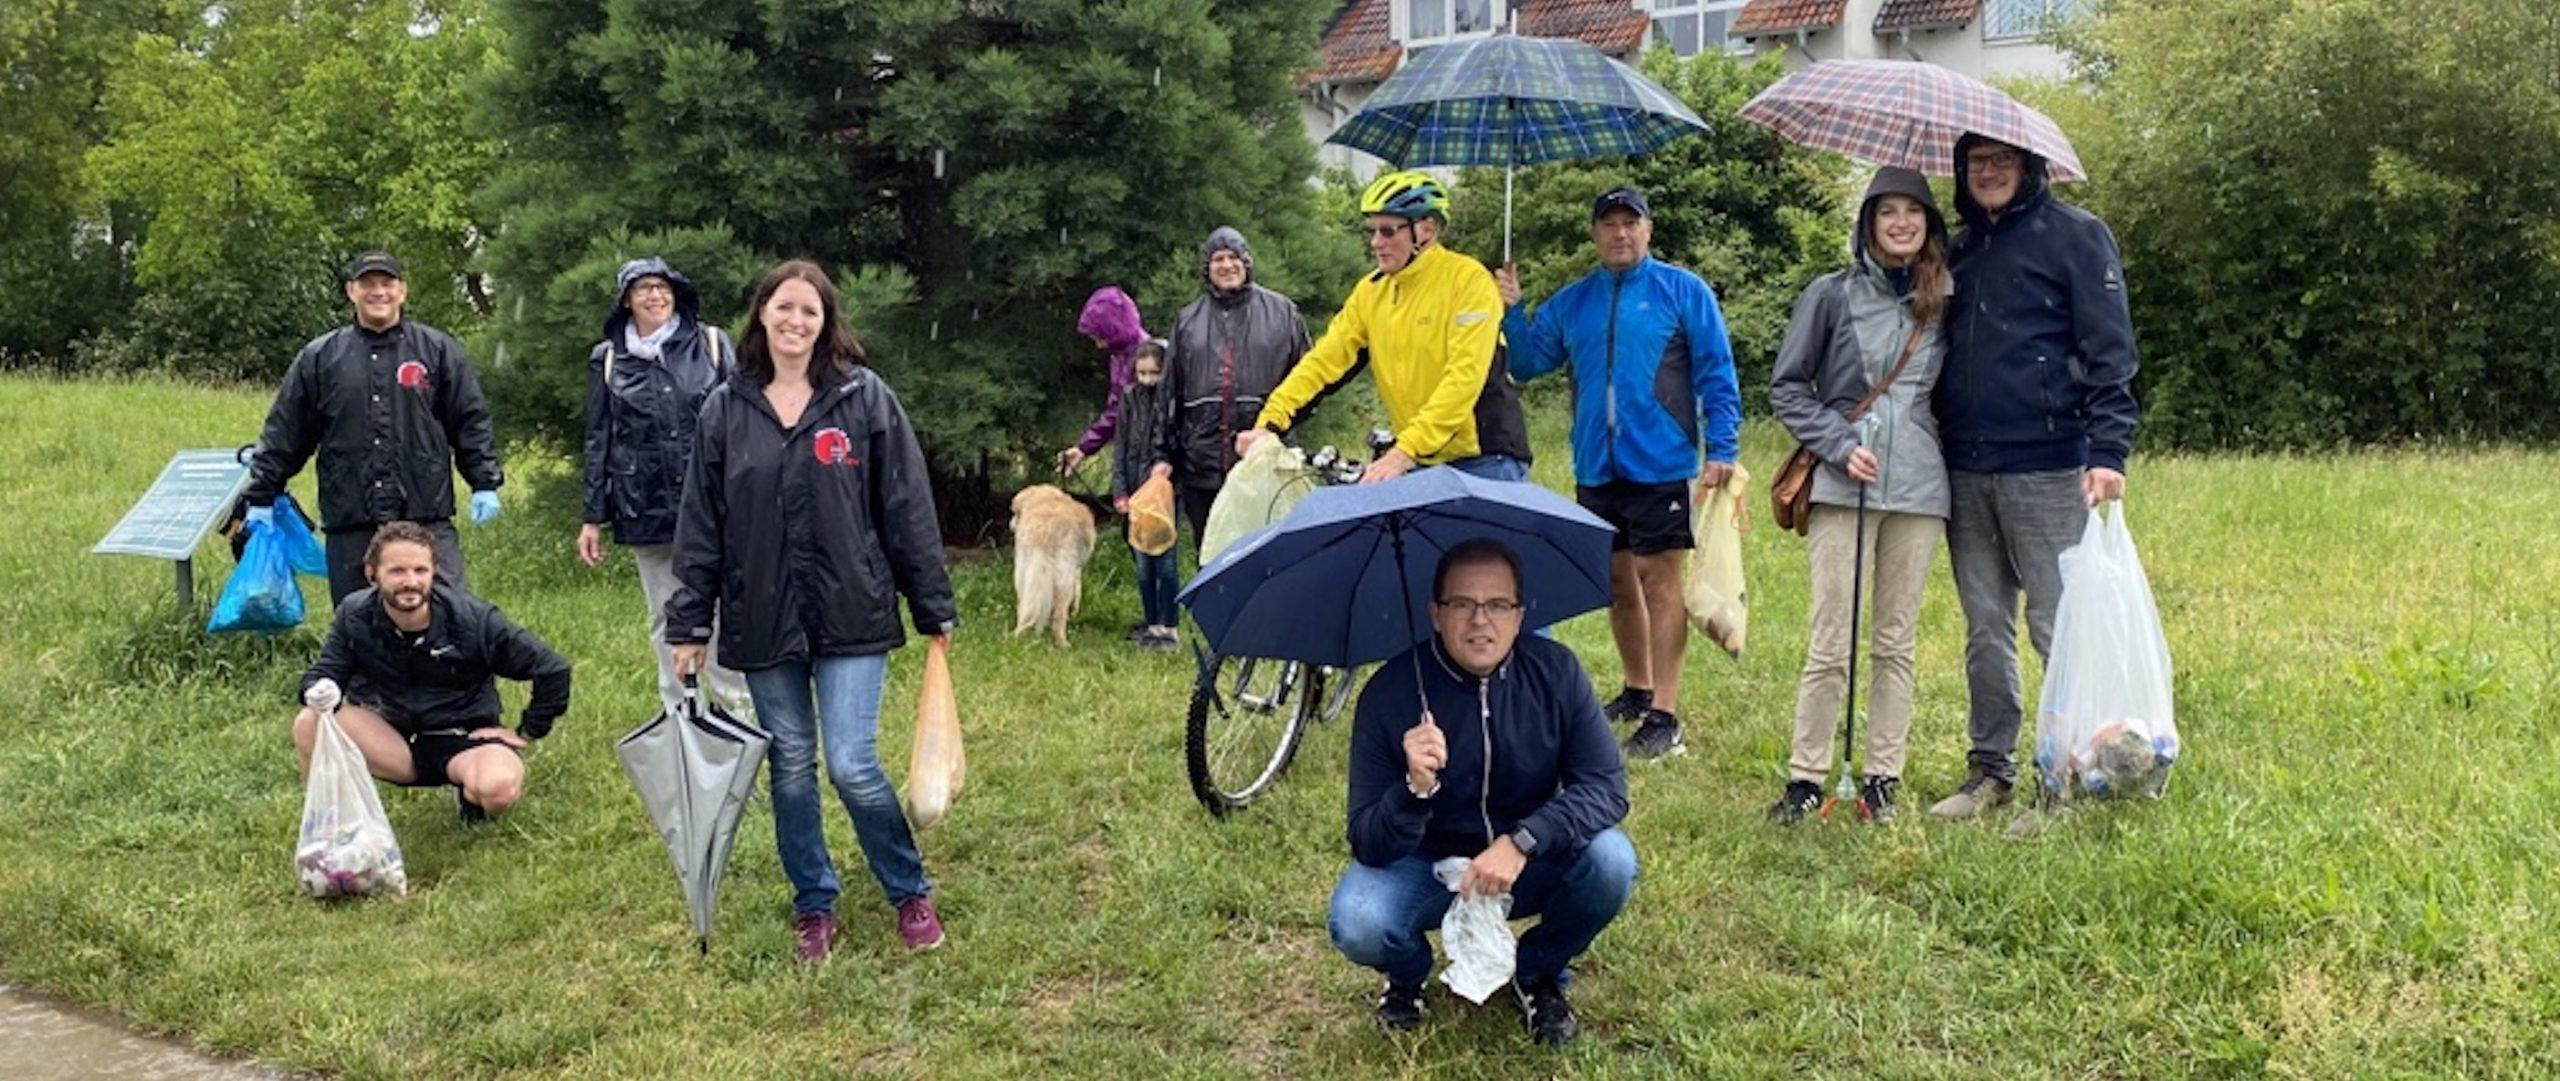 Plogging der CDU Flörsheim trotz Regen ein voller Erfolg